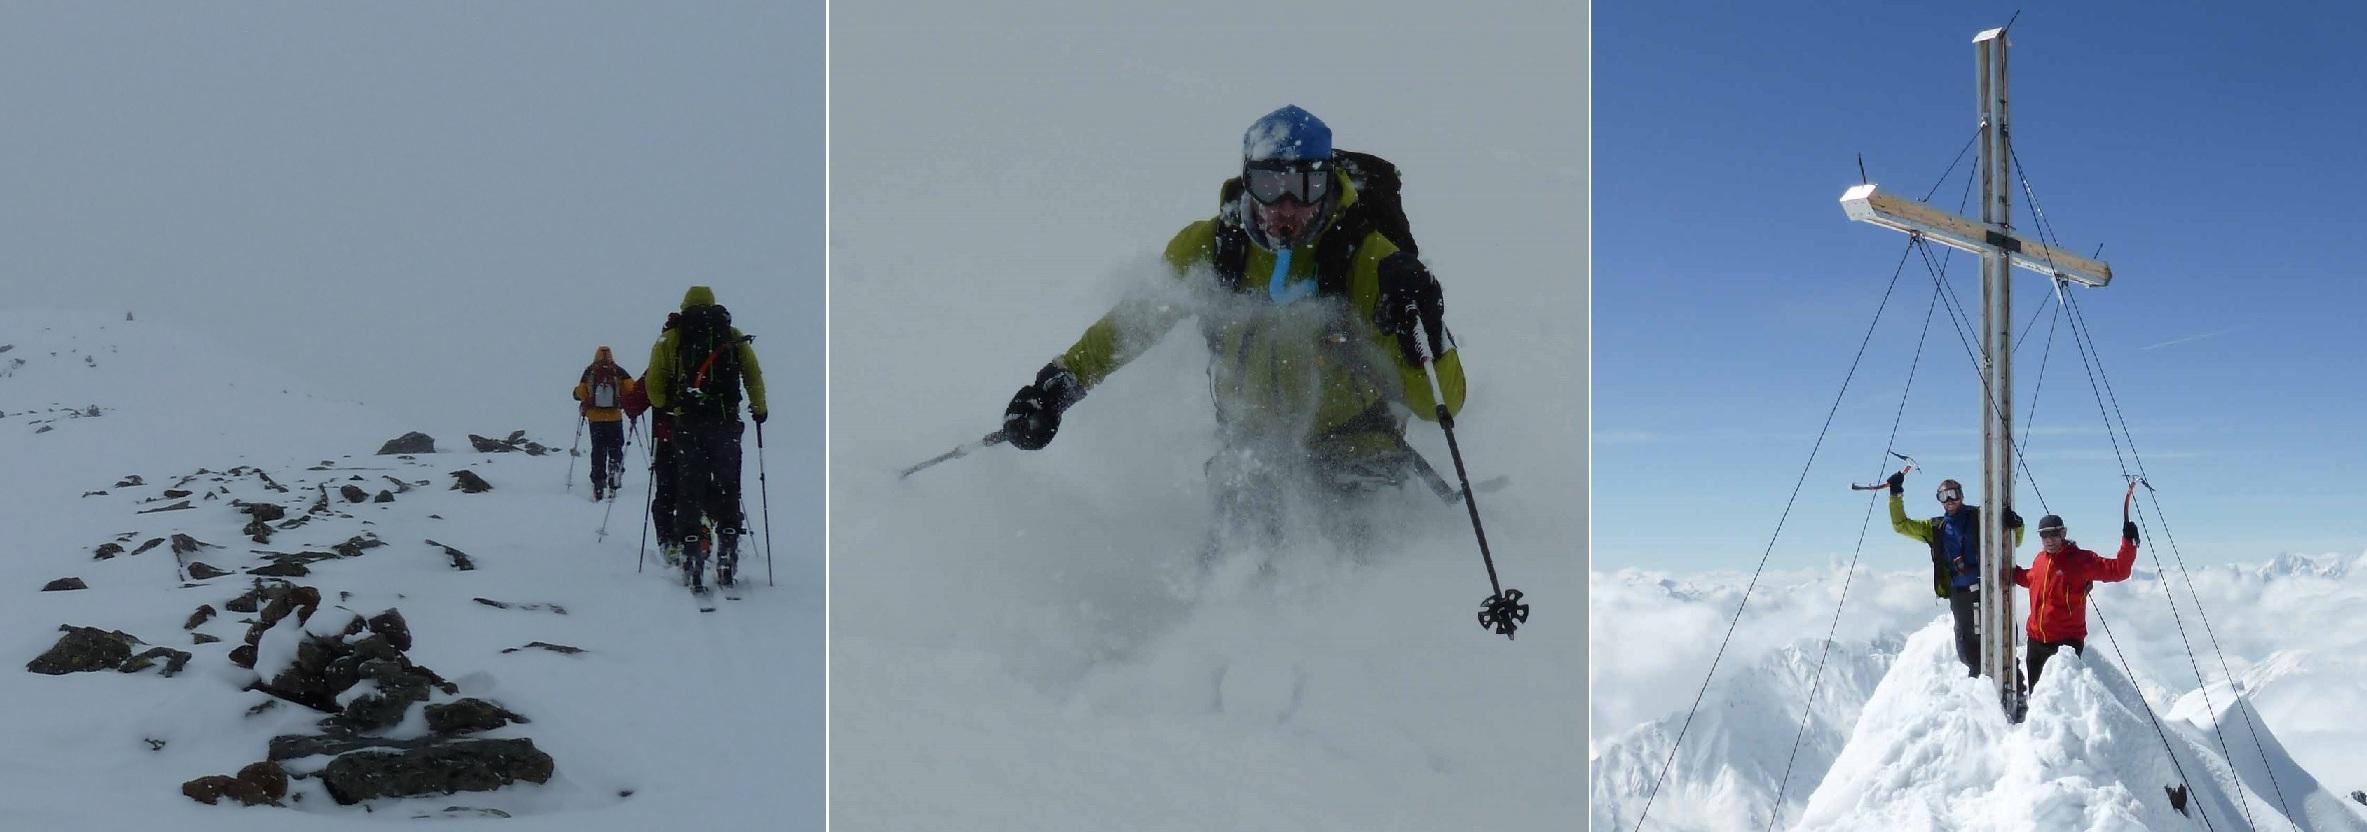 Meine ersten Skitour-Erfahrungen